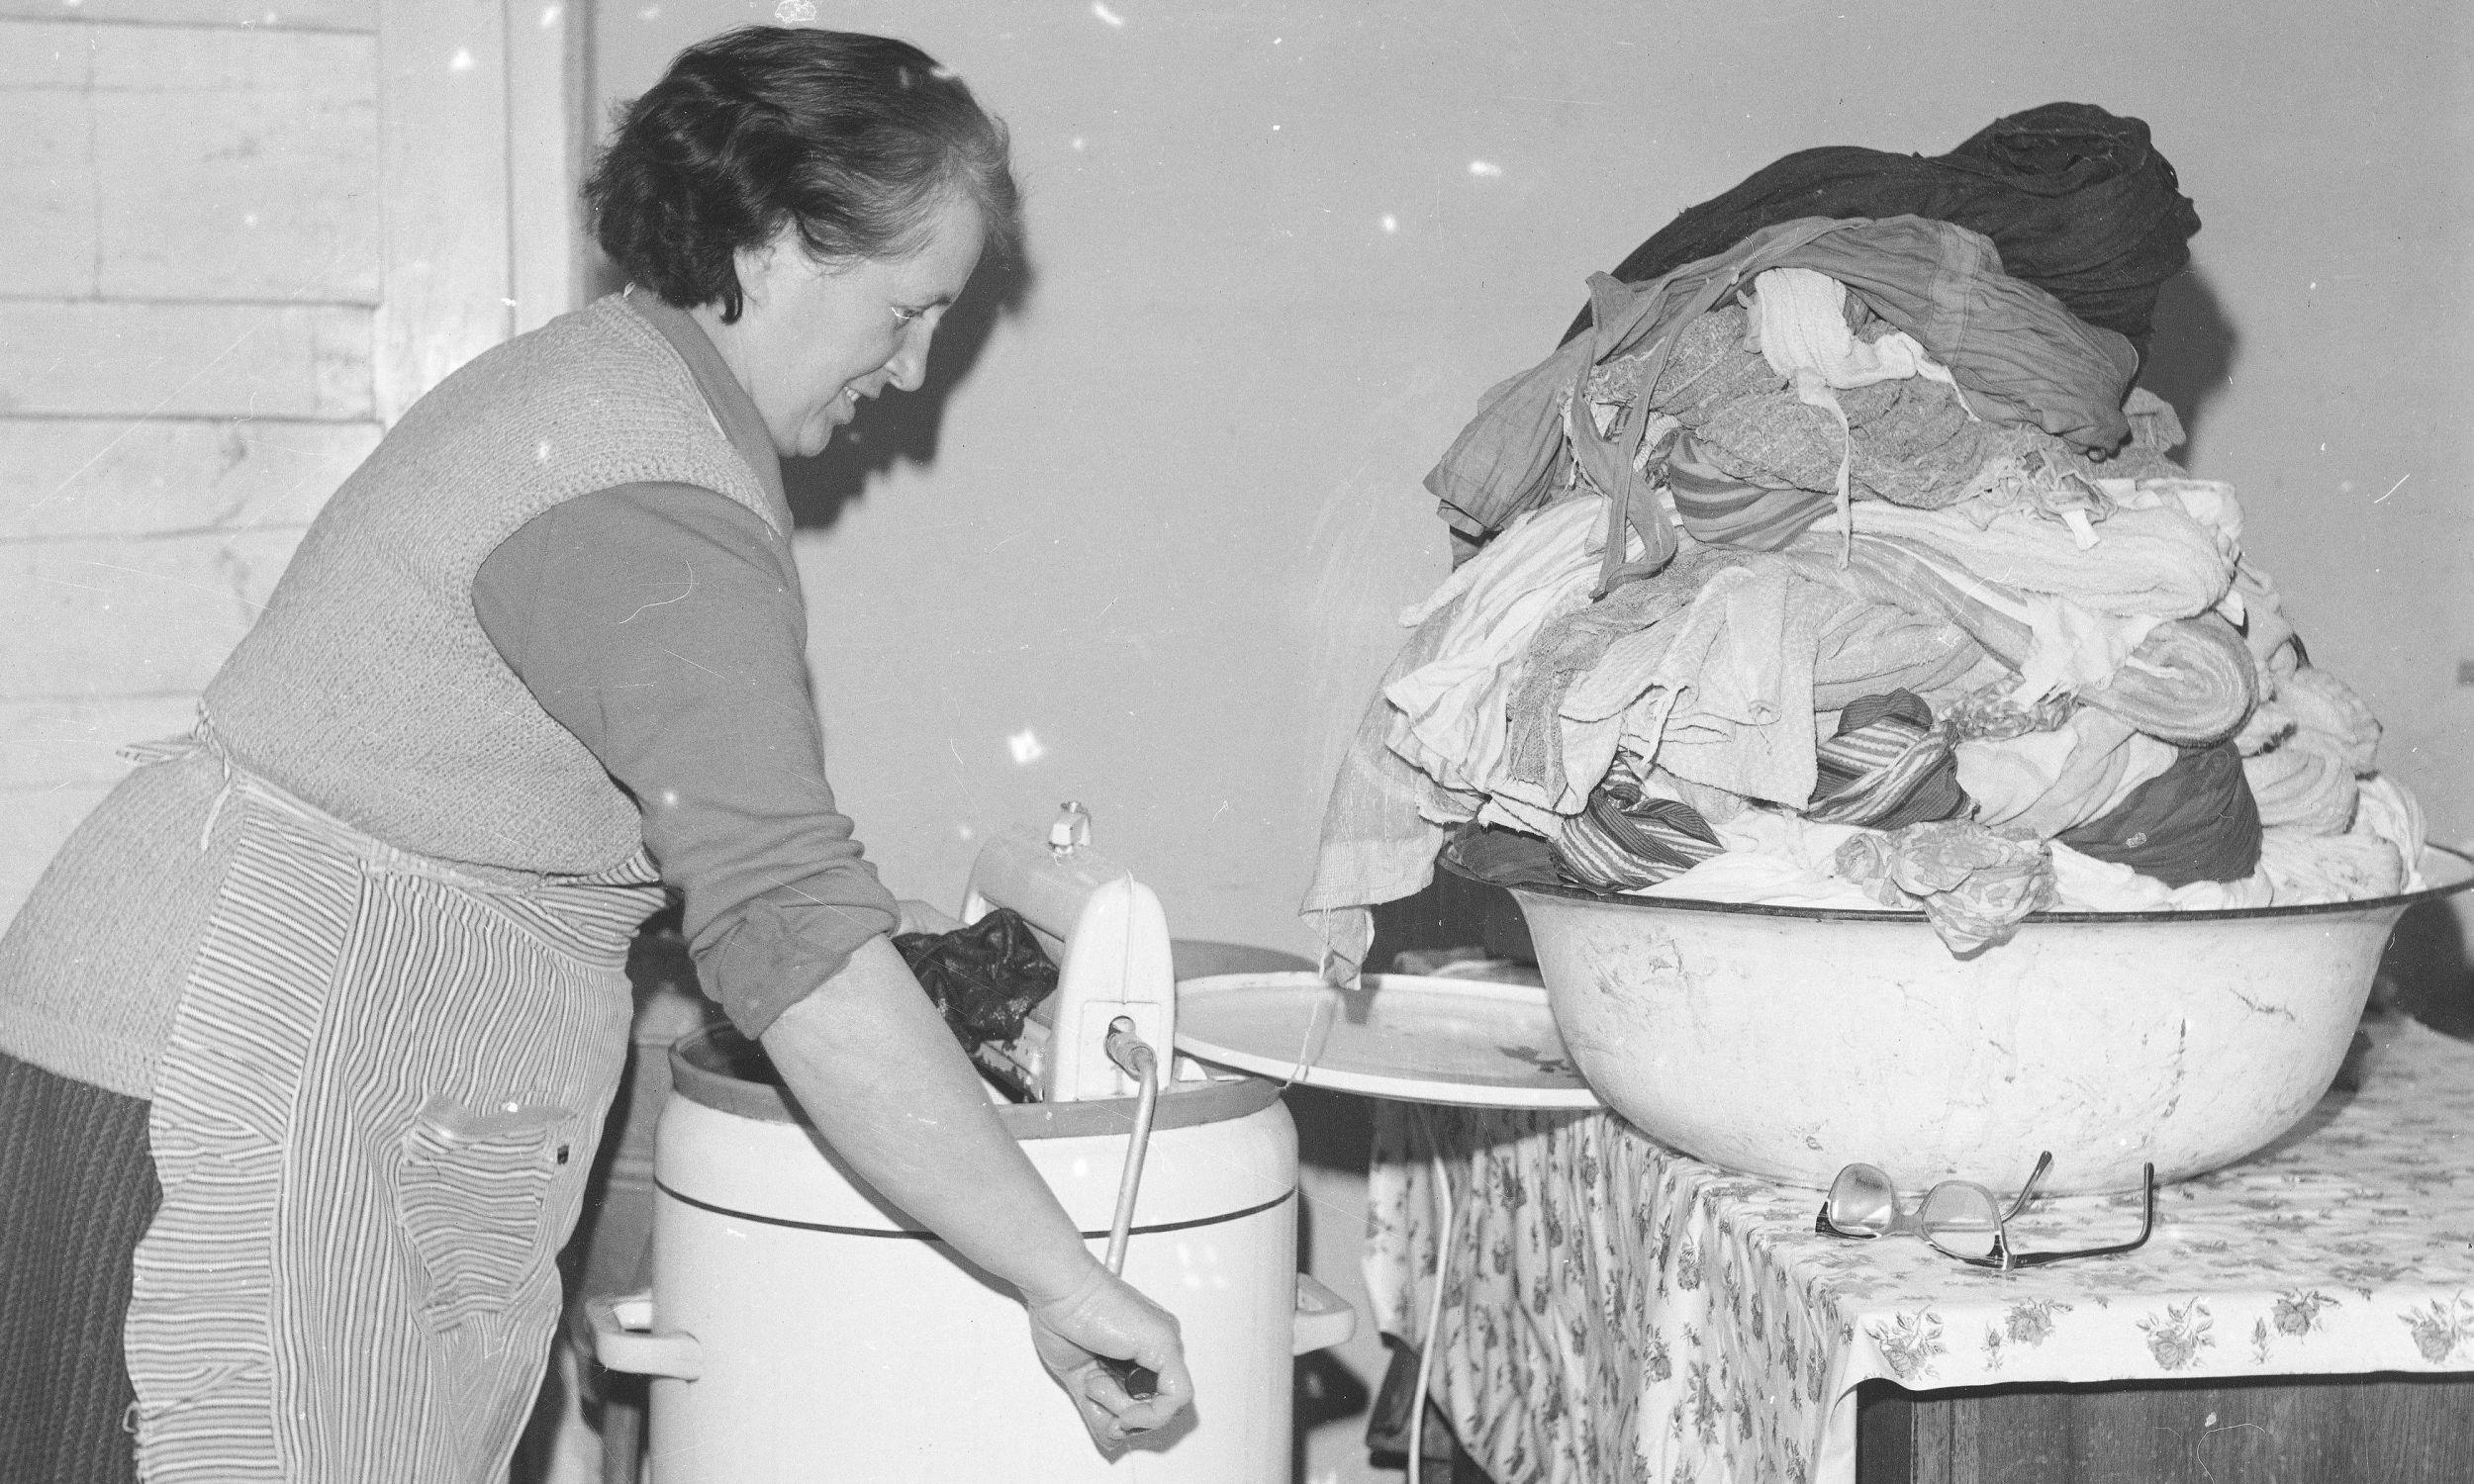 """Pranie w pralce wirnikowej """"Frania"""". Jadwiga Gawryś w swoim gospodarstwie rolnym we wsi Majdan pod Wołominem wyżyma uprane rzeczy. Marzec 1976 roku. Fot. NAC/Grażyna Rutowska, sygn. 40-2-12-1"""